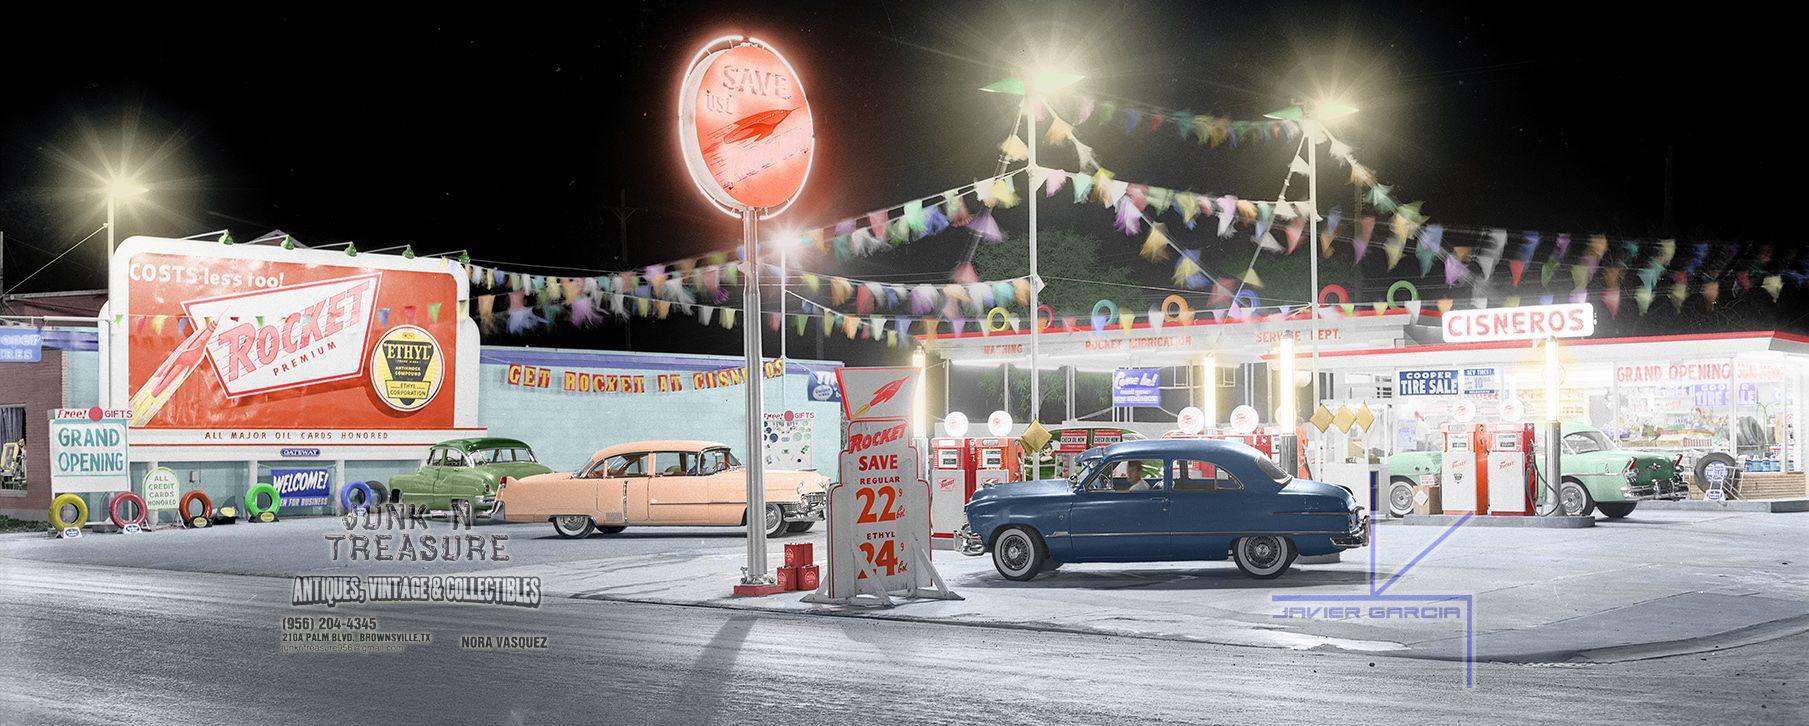 Cisneros rocket service station c1952 brownsville texas